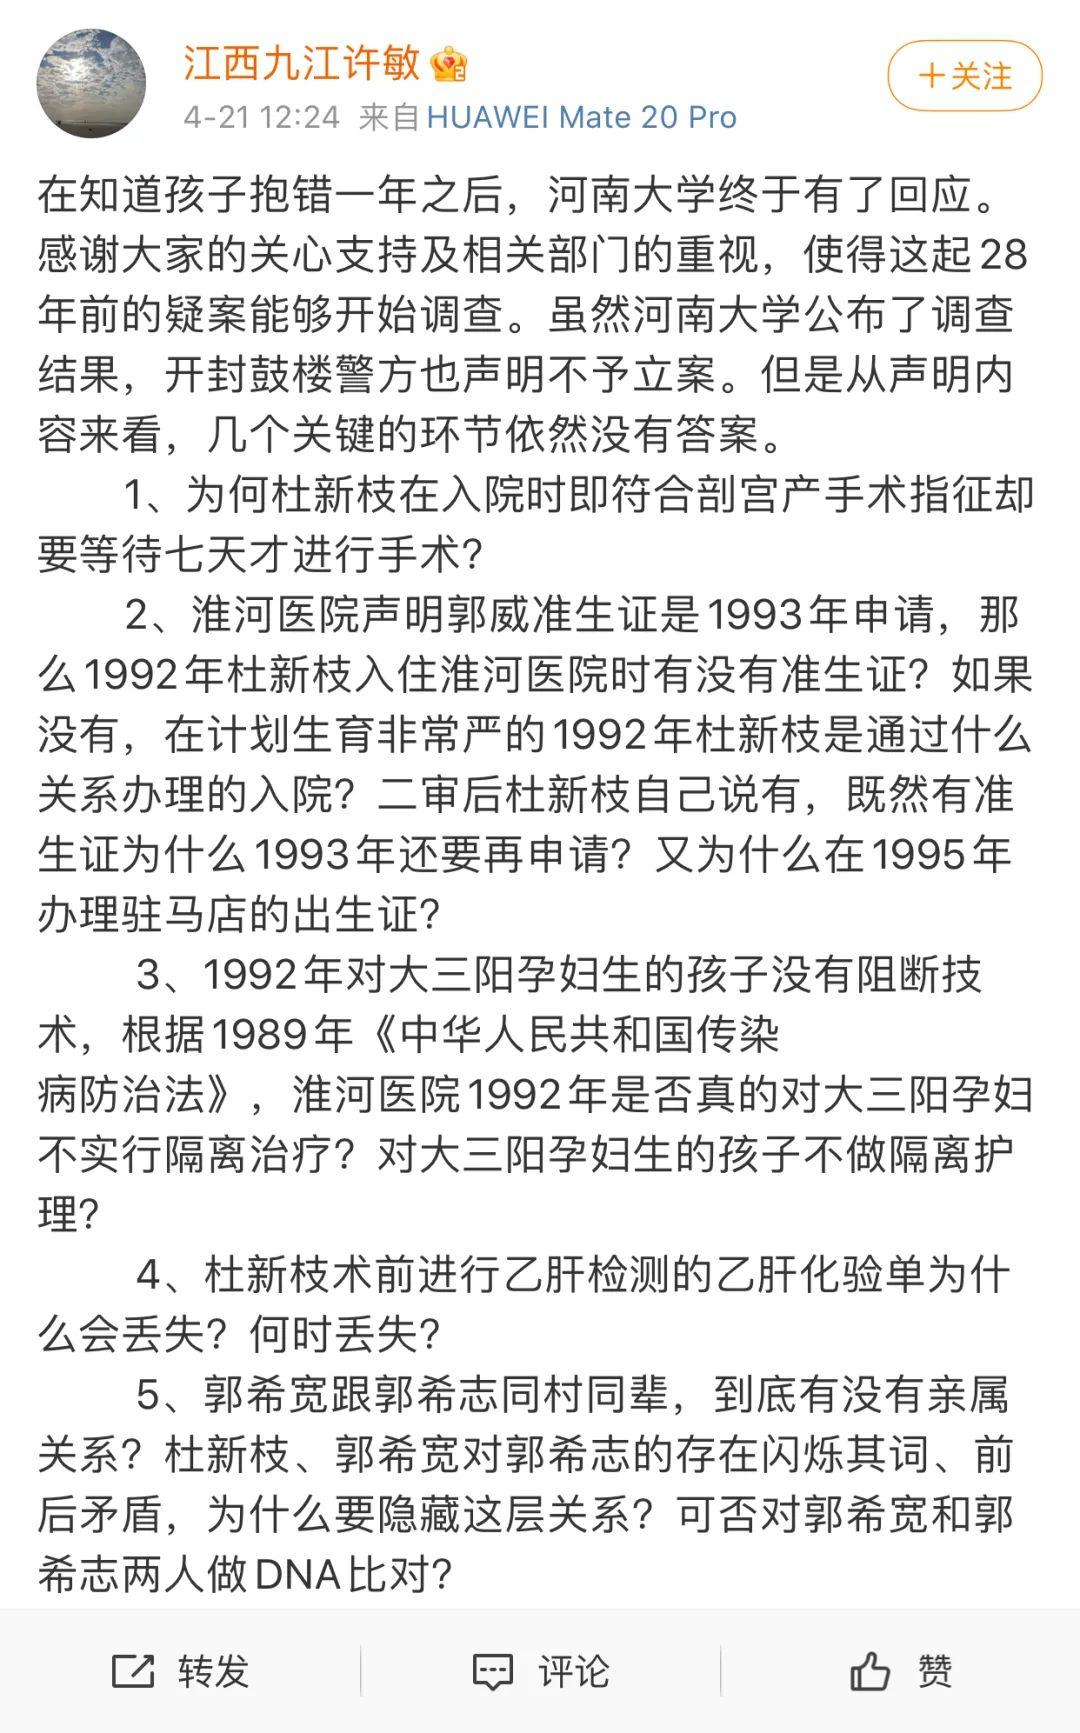 圣城家园_新龙腾小说排行榜_郑州市政府网